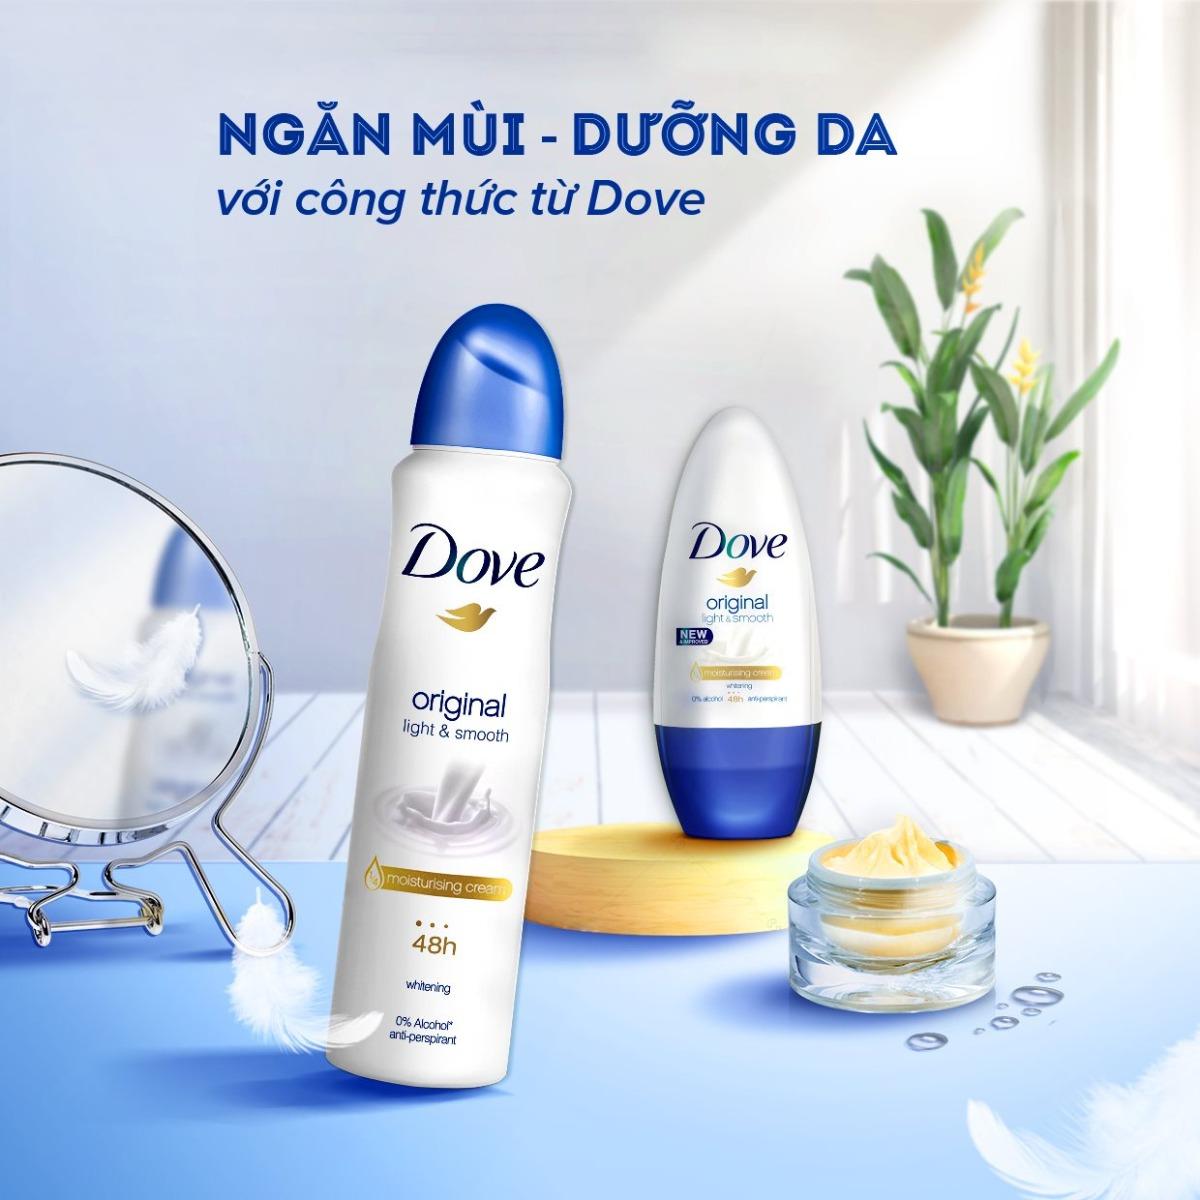 Mua Xịt Khử Mùi Dove Dưỡng Da Sáng Mịn Original tại Hasaki